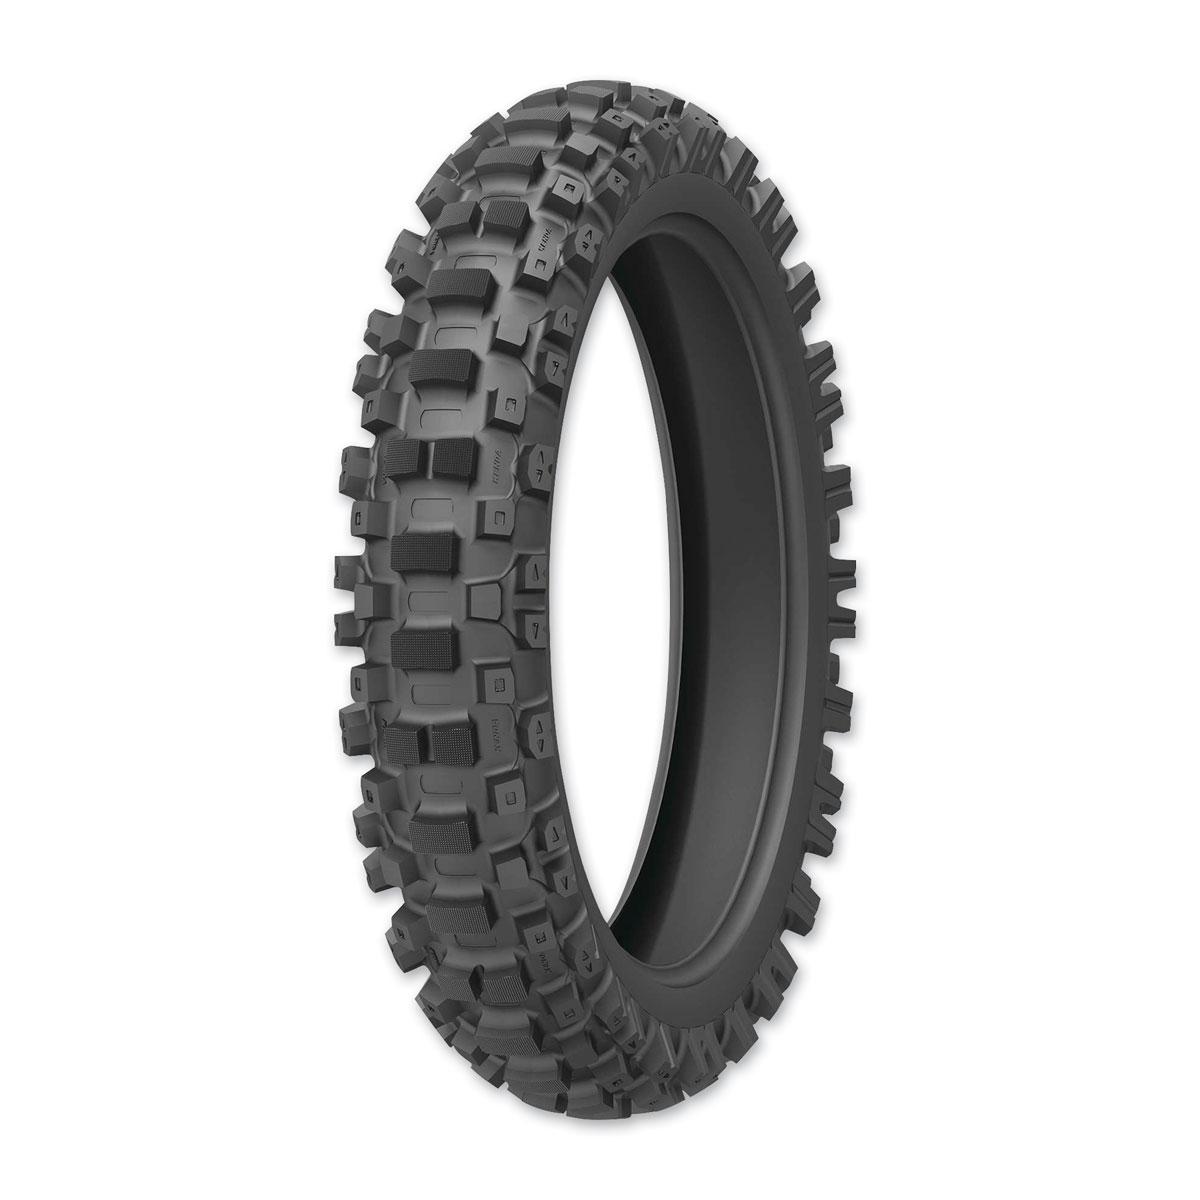 Kenda Tires Washougal II 110/90-19 Rear Tire